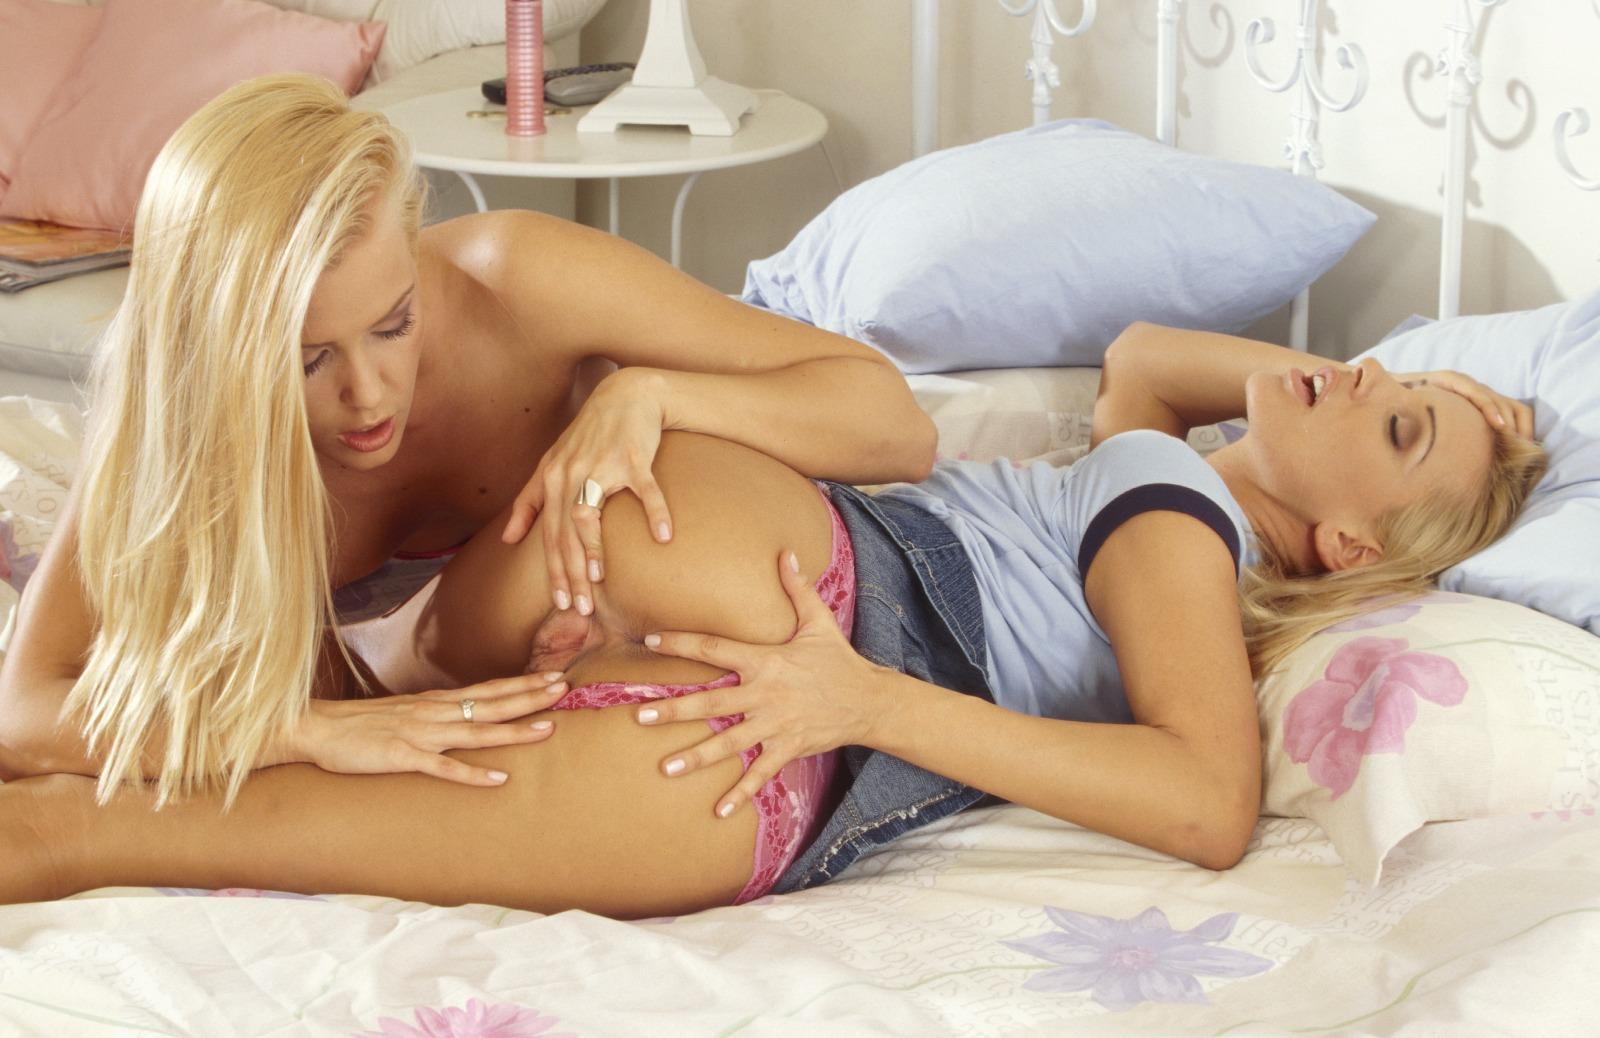 Фото как девушки доставляют друг другу удовольствие 2 фотография